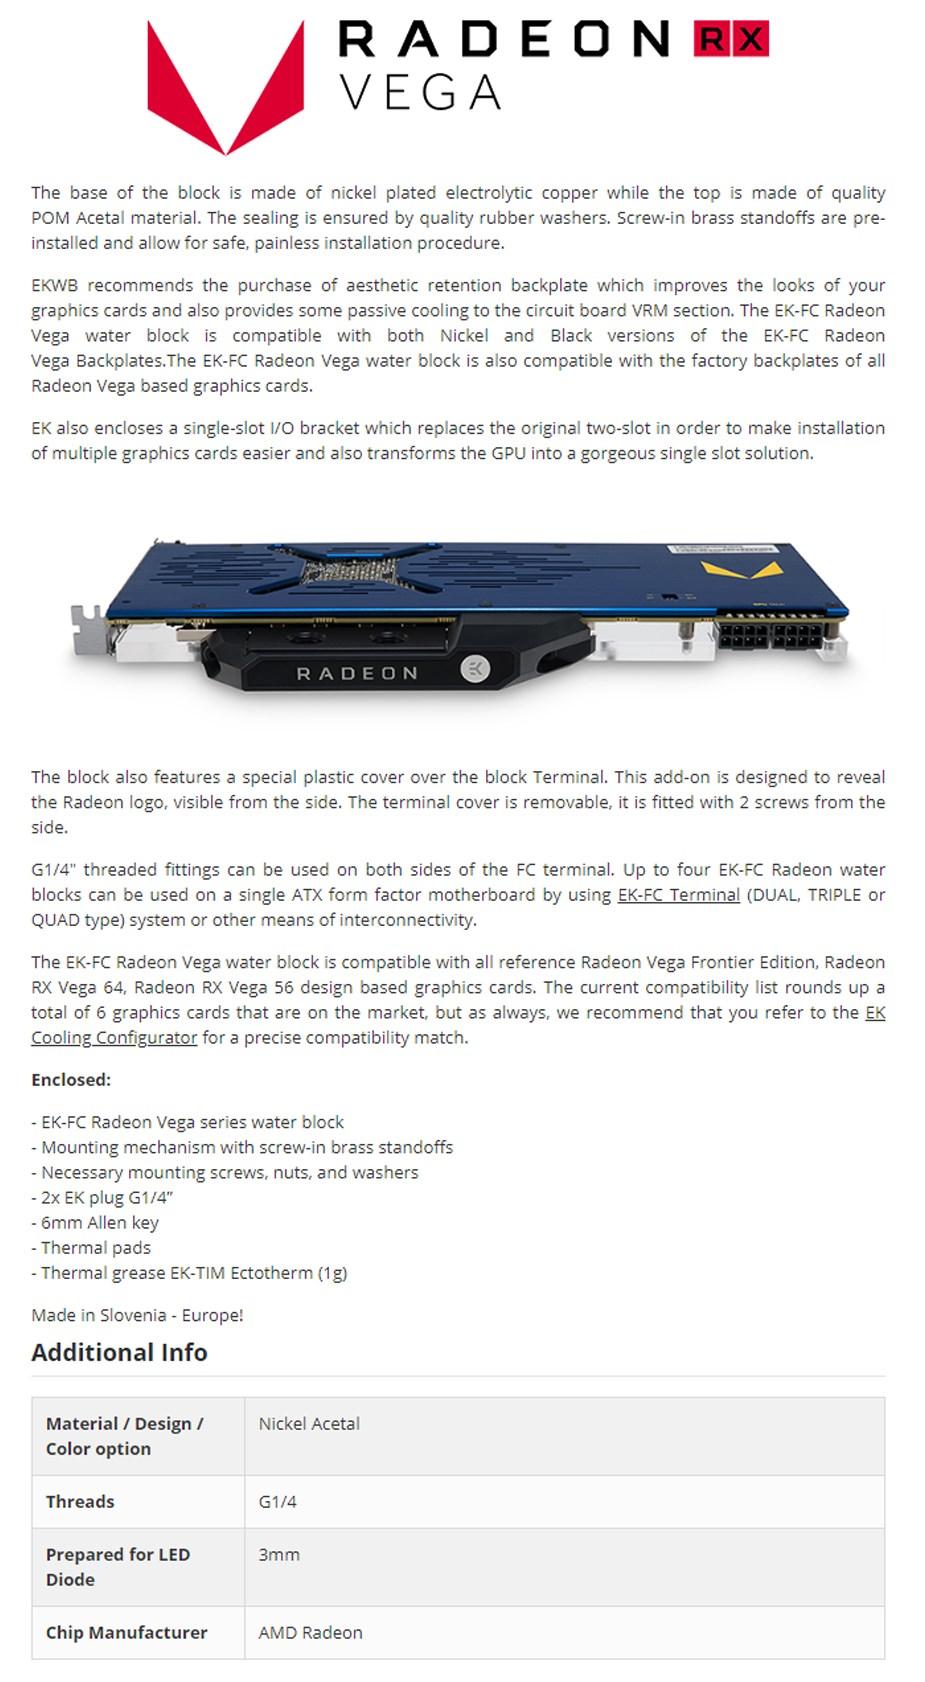 EWKB EK-FC Radeon Vega Water Block - Overview 1